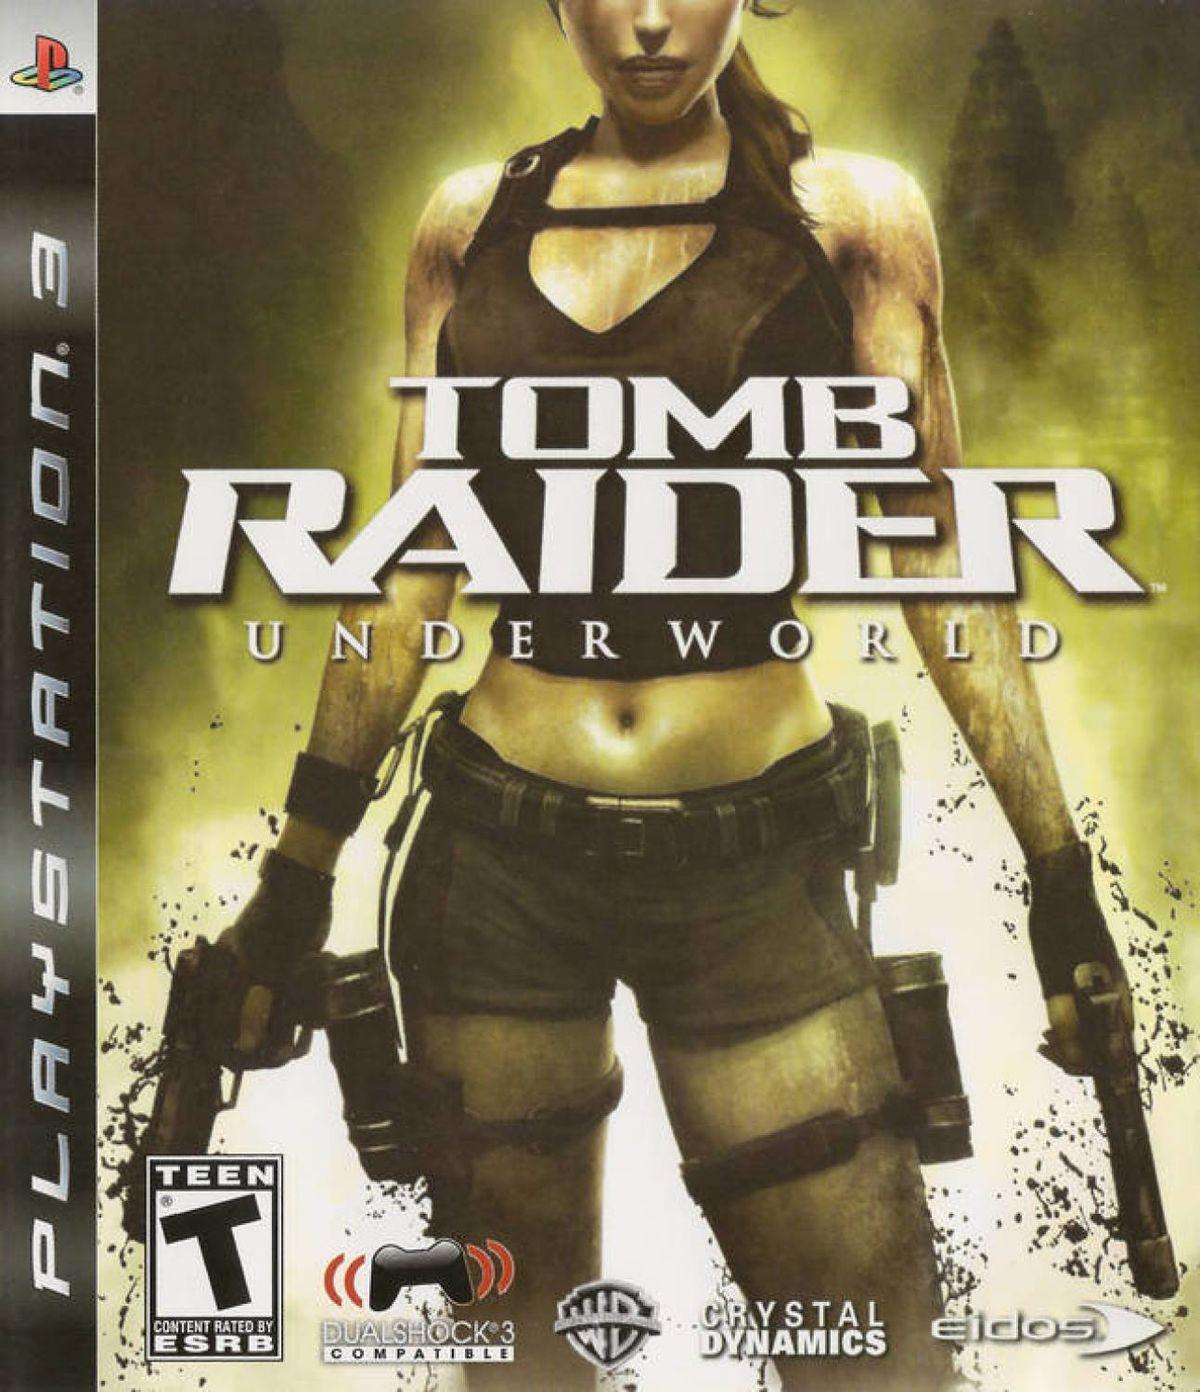 Tomb Raider Underworld Strategywiki The Video Game Walkthrough